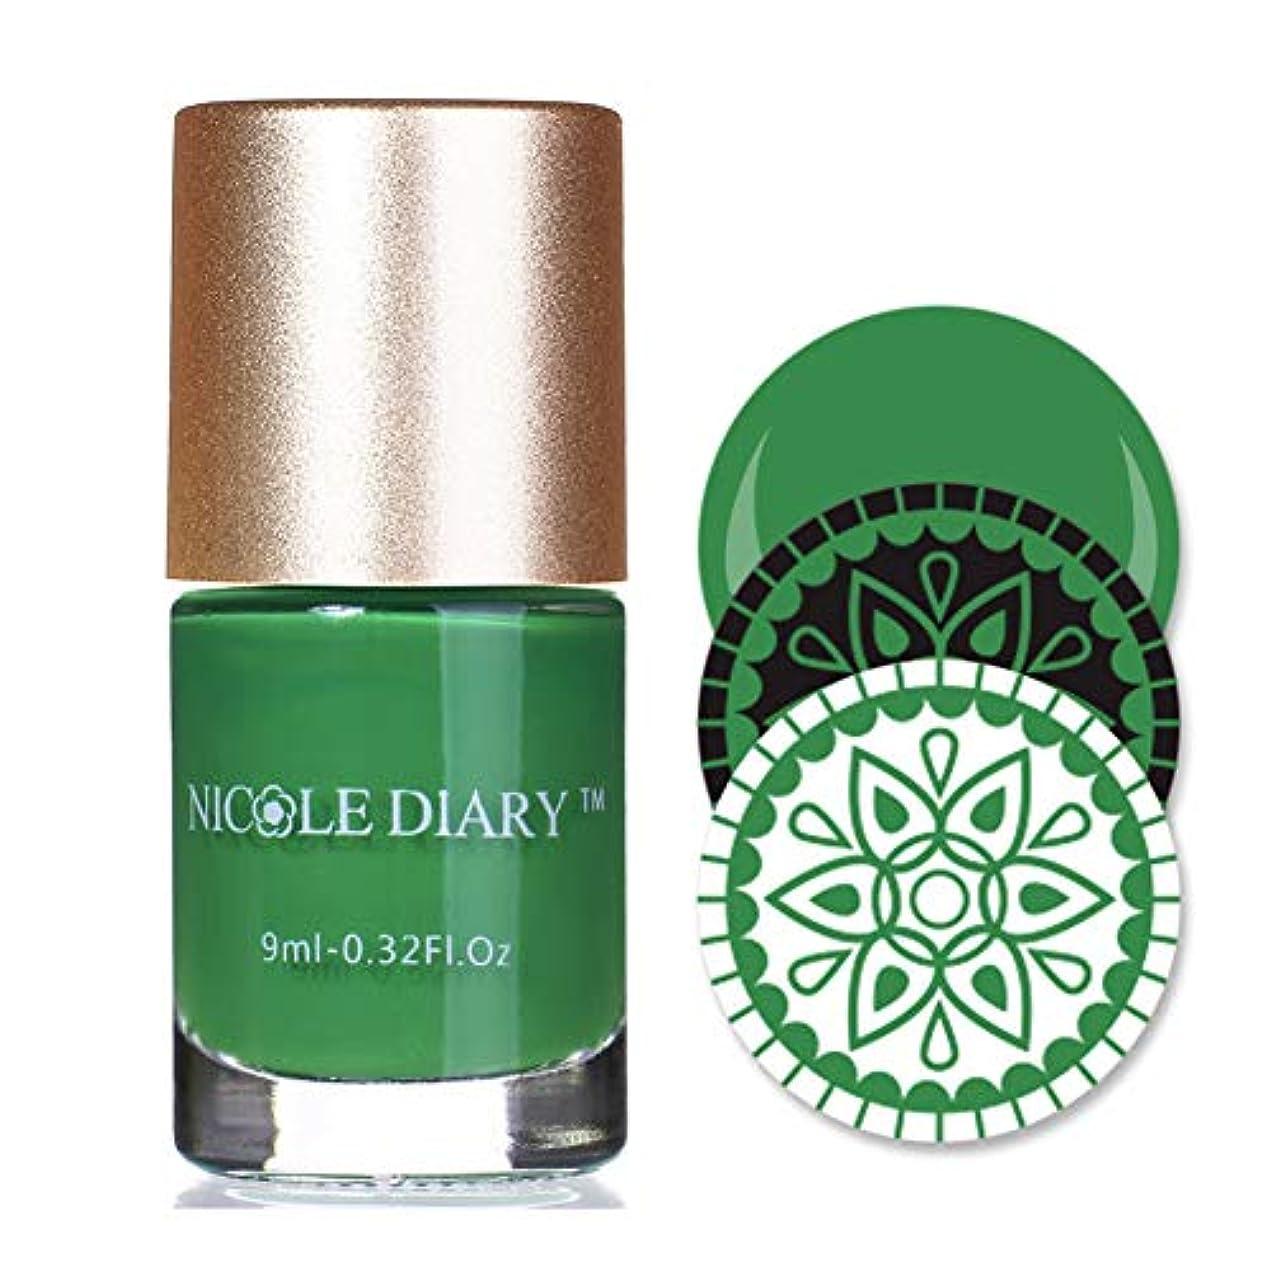 十分ではない軽減するすべきNICOLE DIARY 緑 グリーン スタンプネイルカラー スタンピングネイルポリッシュ 1ボトル マニキュアネイルアート NS12 [並行輸入品]